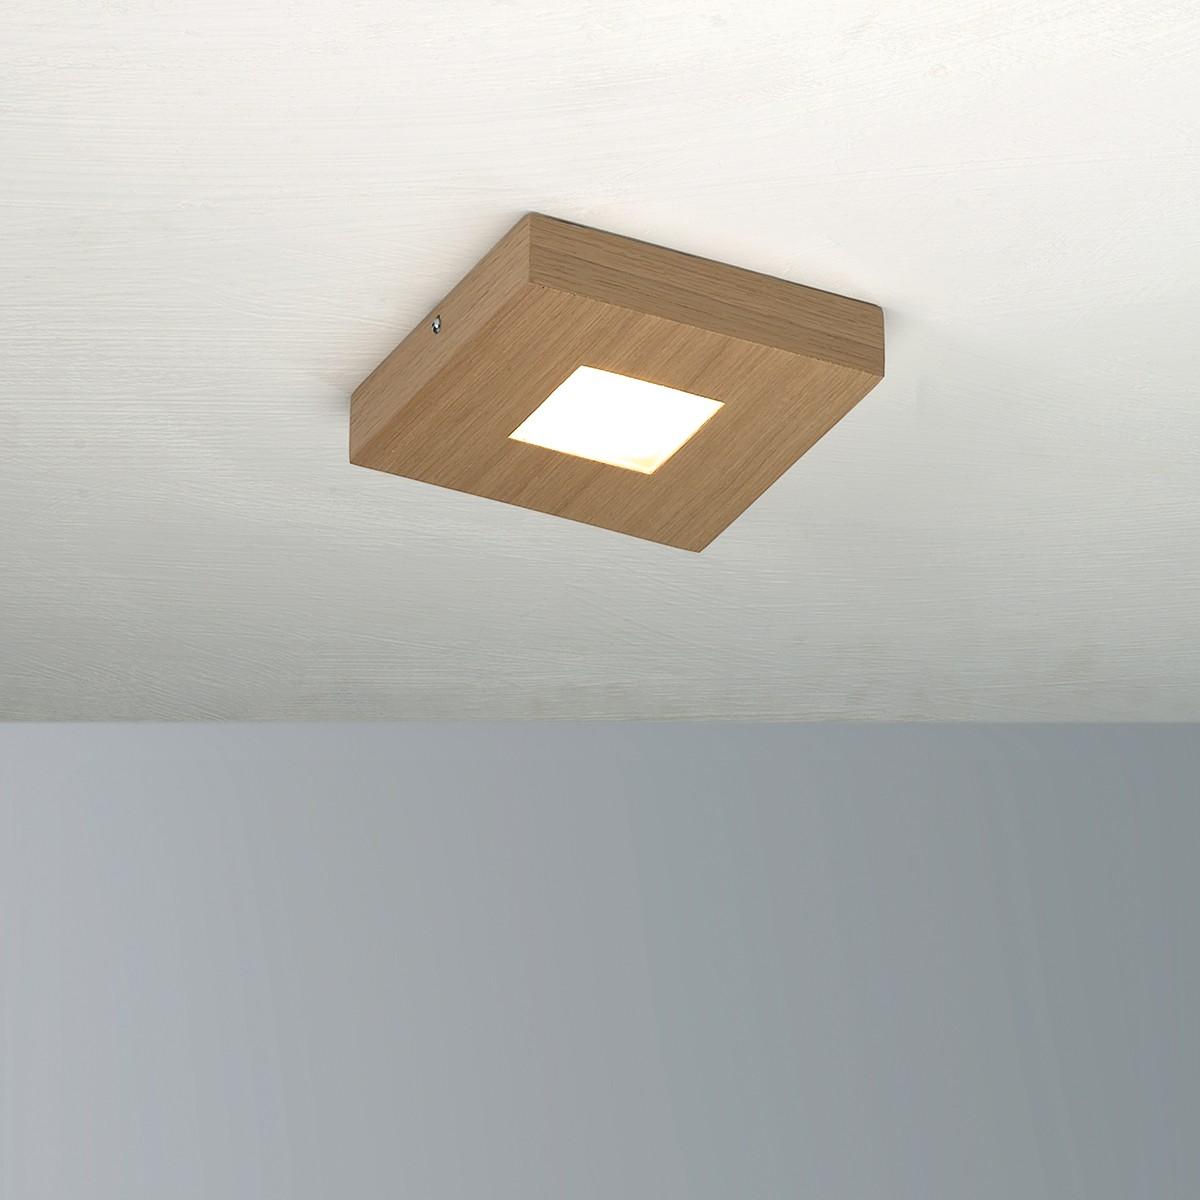 Bopp Cubus Deckenleuchte, 1-flg., Eiche natur